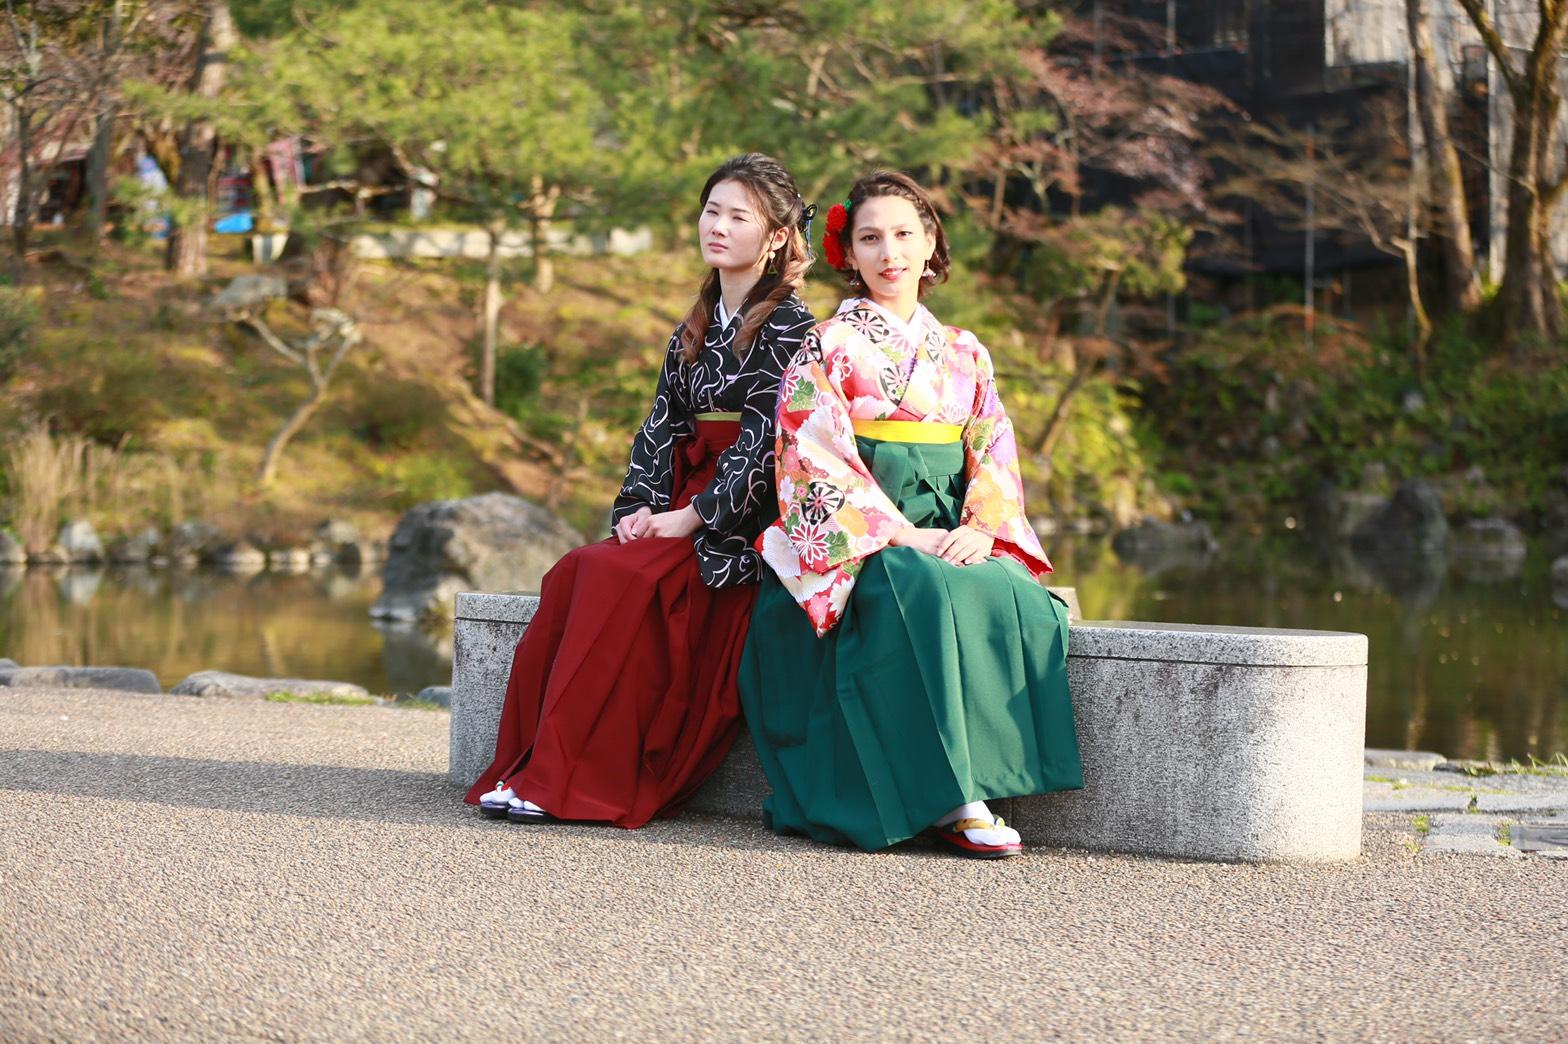 袴レンタル始めましたぁ♡2020年3月19日17